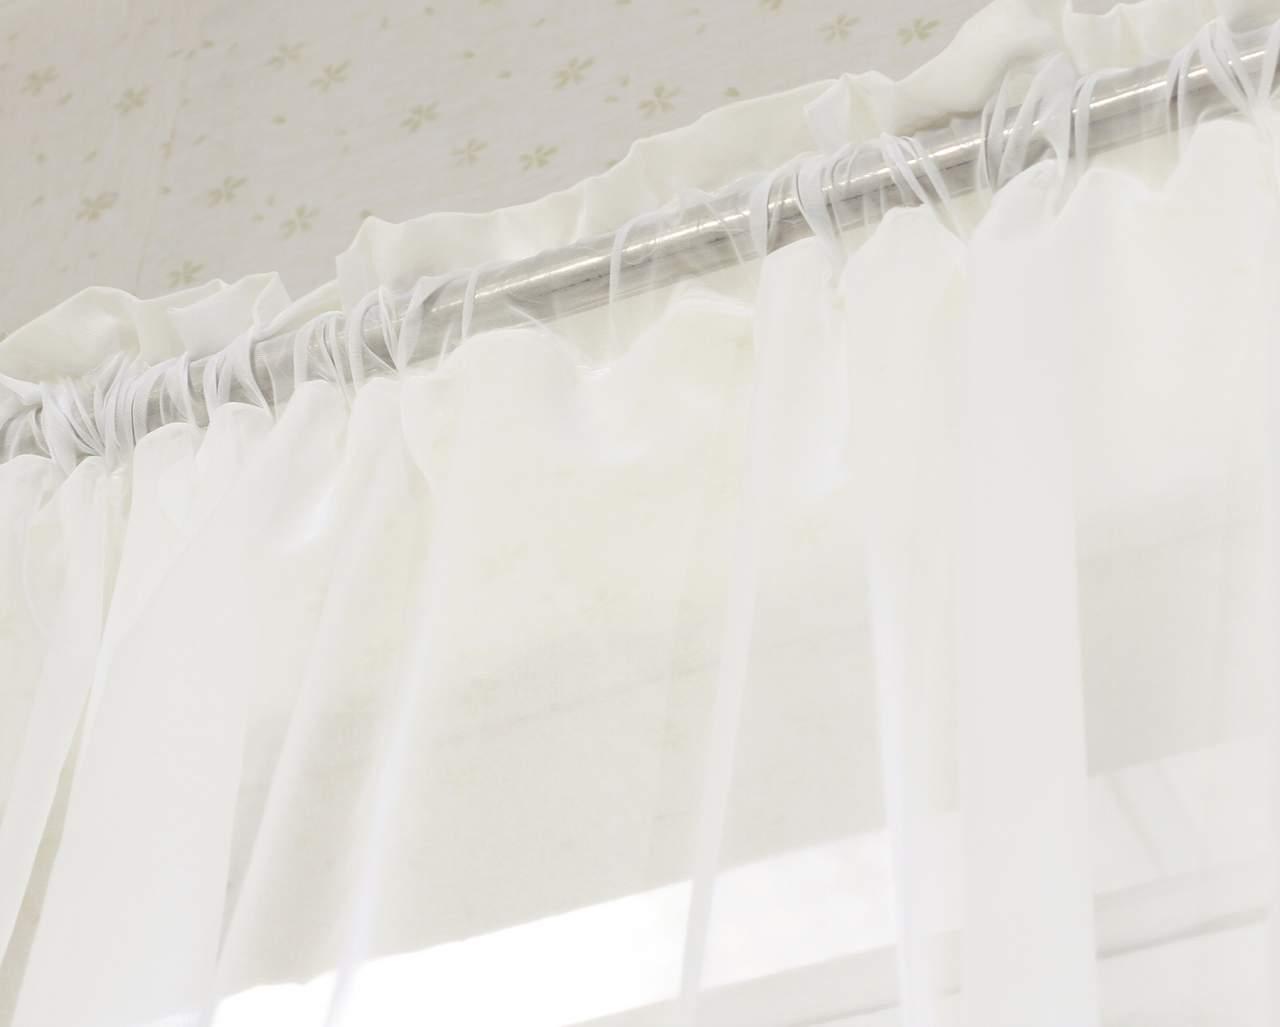 Full Size of 305 Gardine Mit 50mm Kruselband Transparent Stores Vorhang Fenster Integriertem Rollladen Plissee Einbau Aluminium Sichtschutz Für Drutex Schüko Online Fenster Stores Fenster